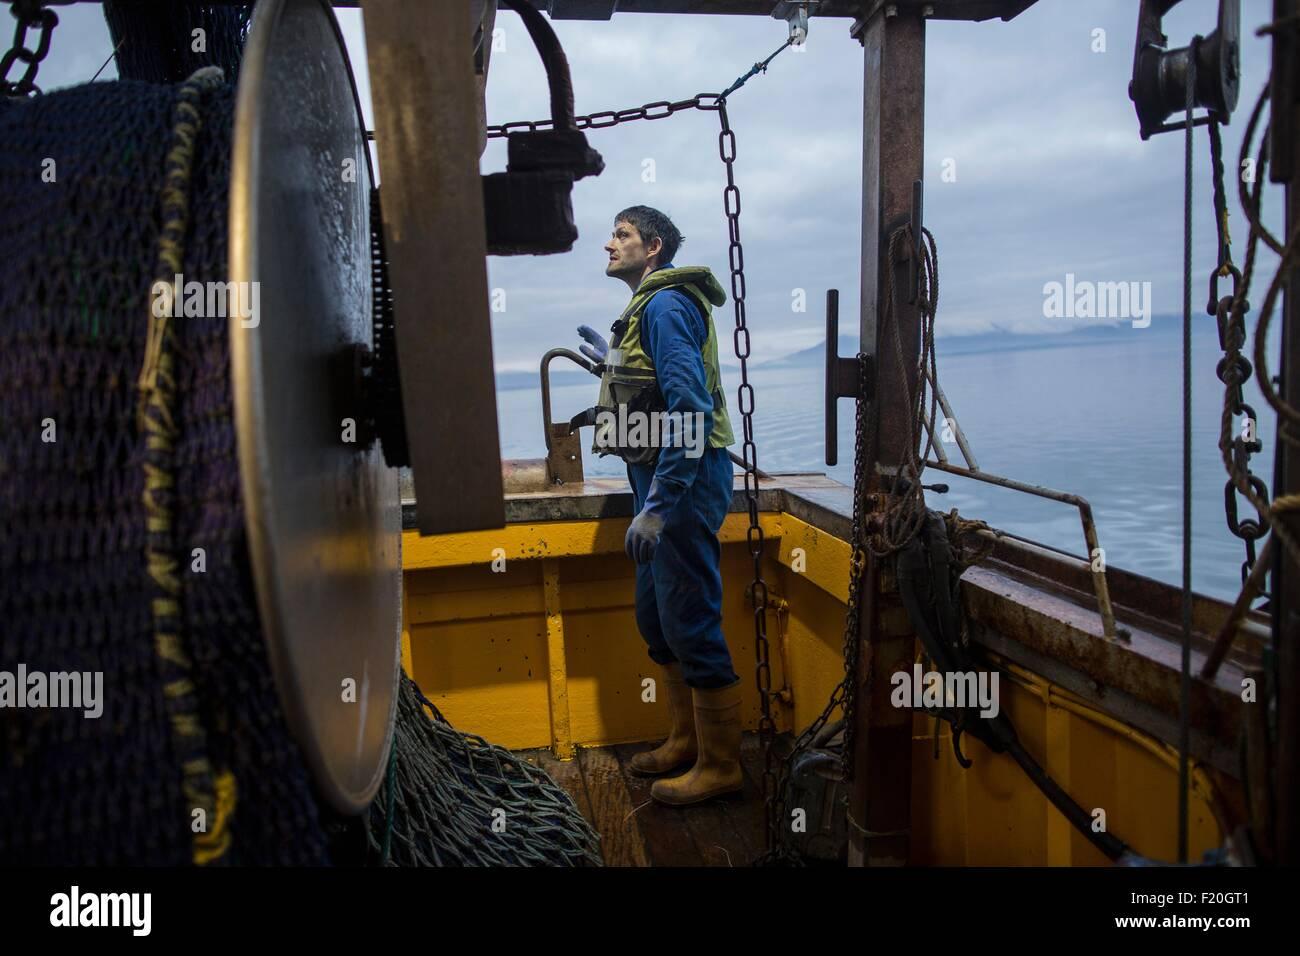 Fisherman preparazione peschereccio per traino Immagini Stock